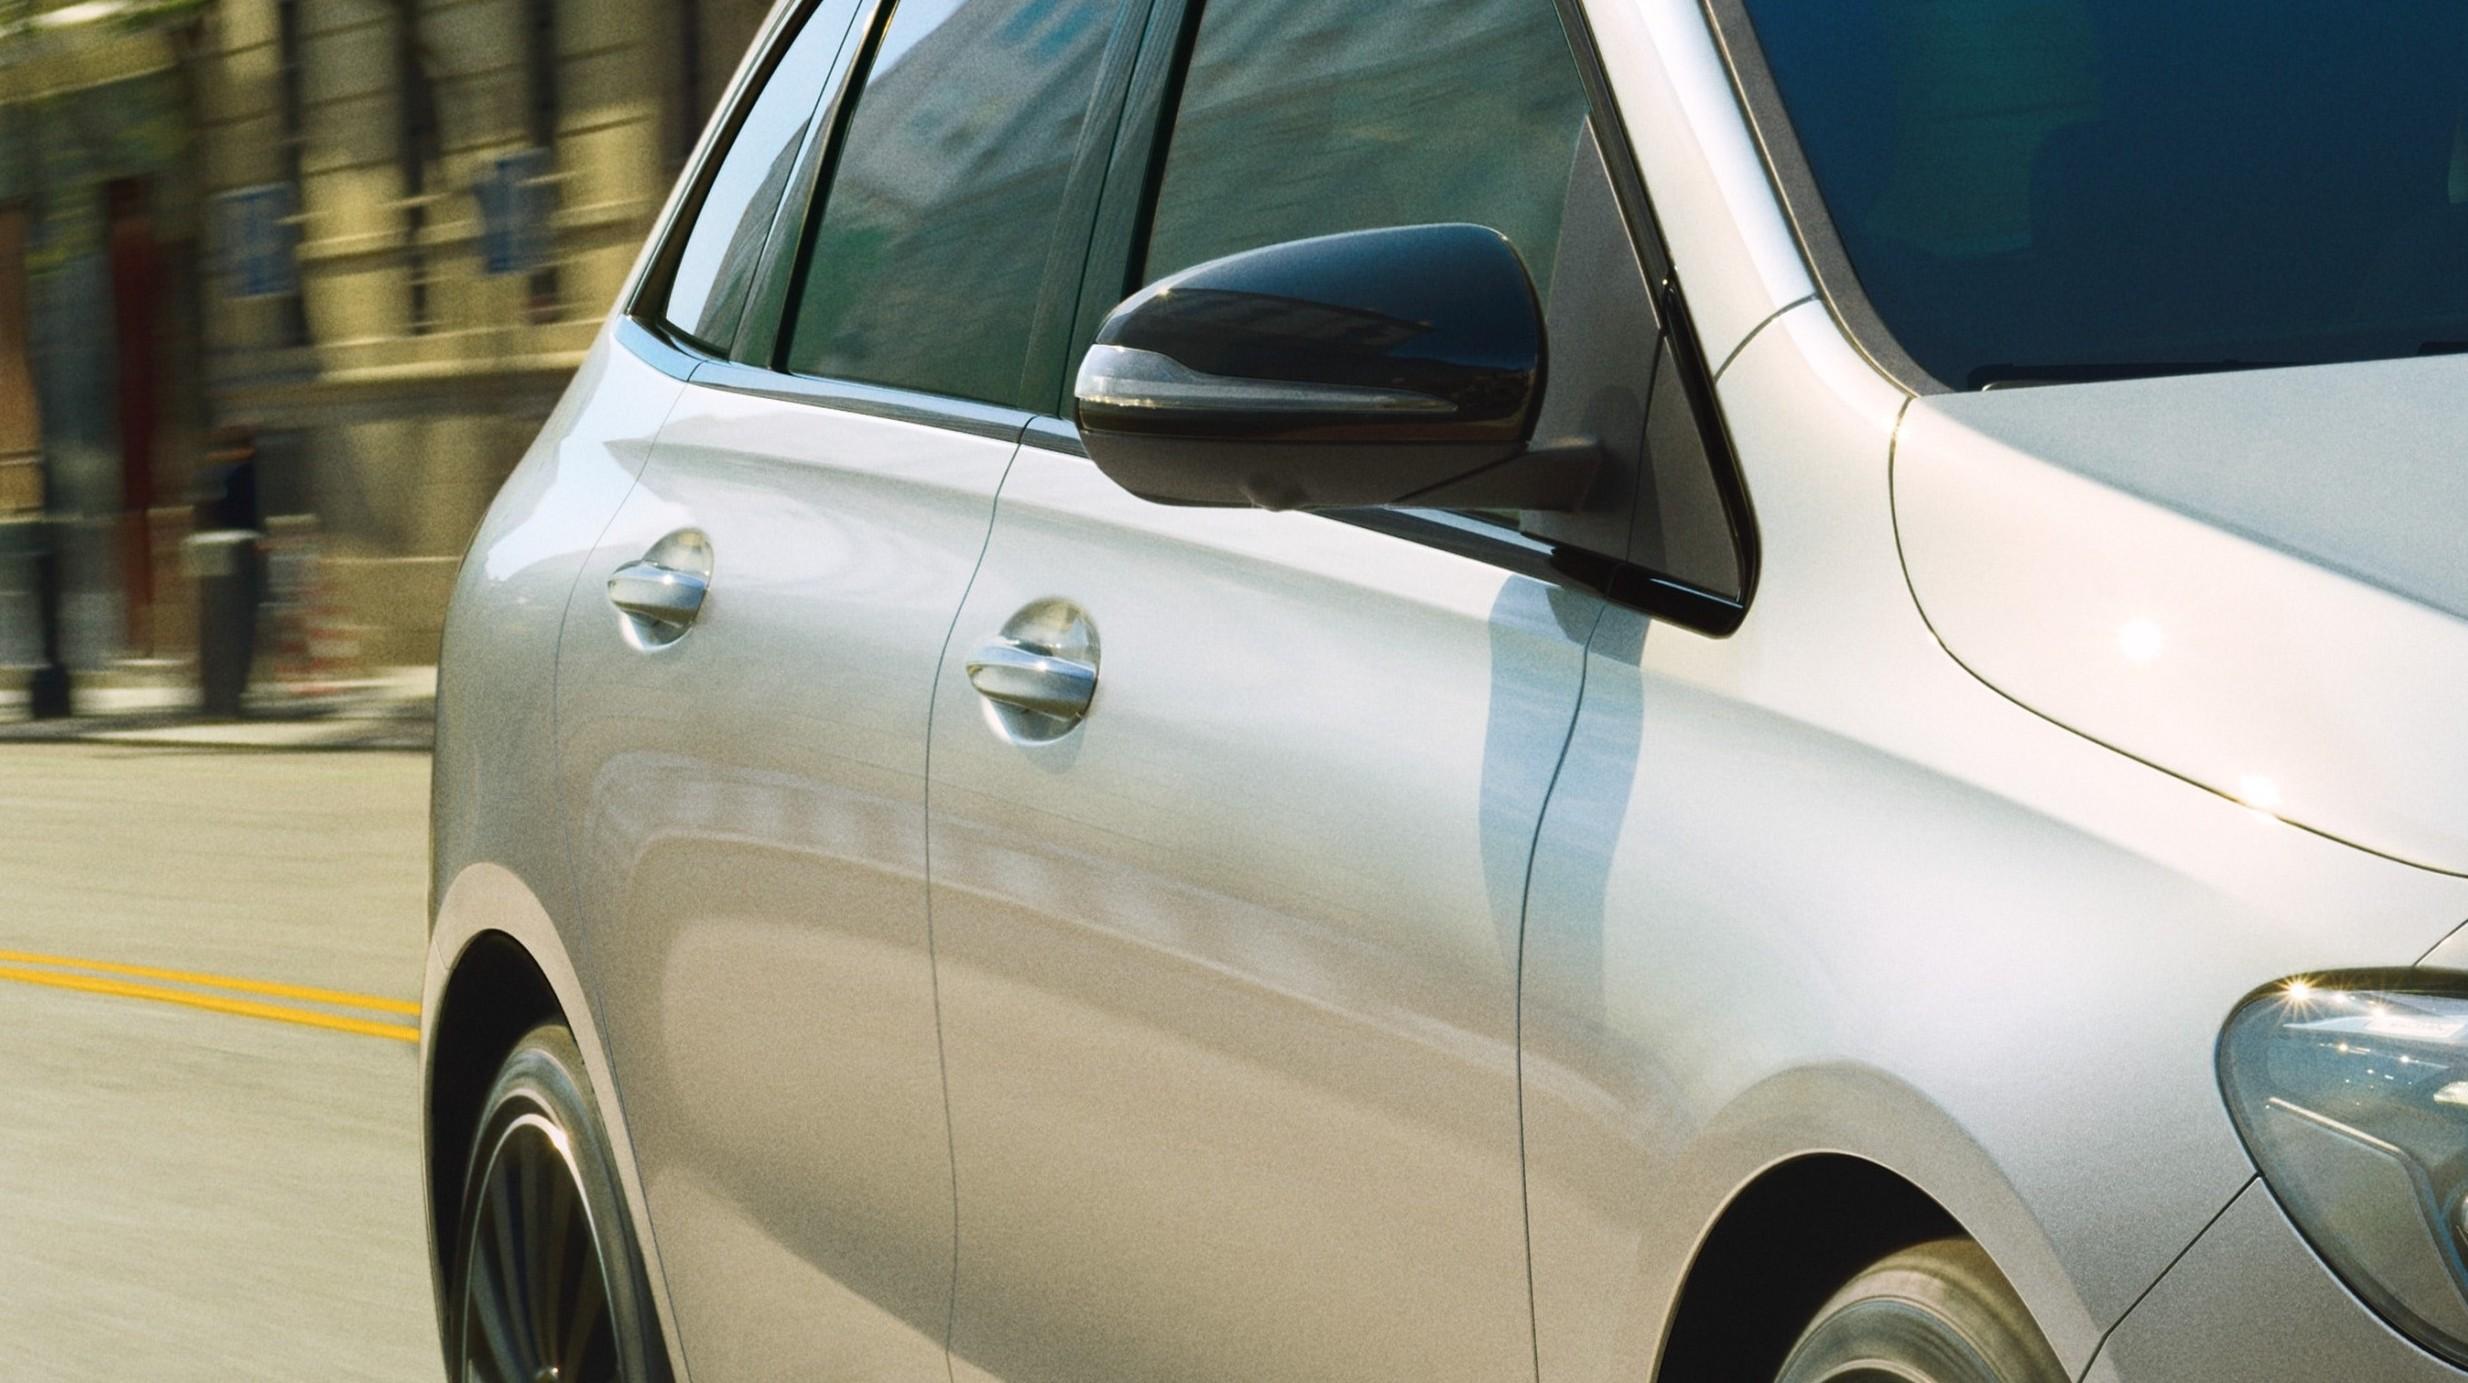 Guida auto più sicura e piacevole grazie